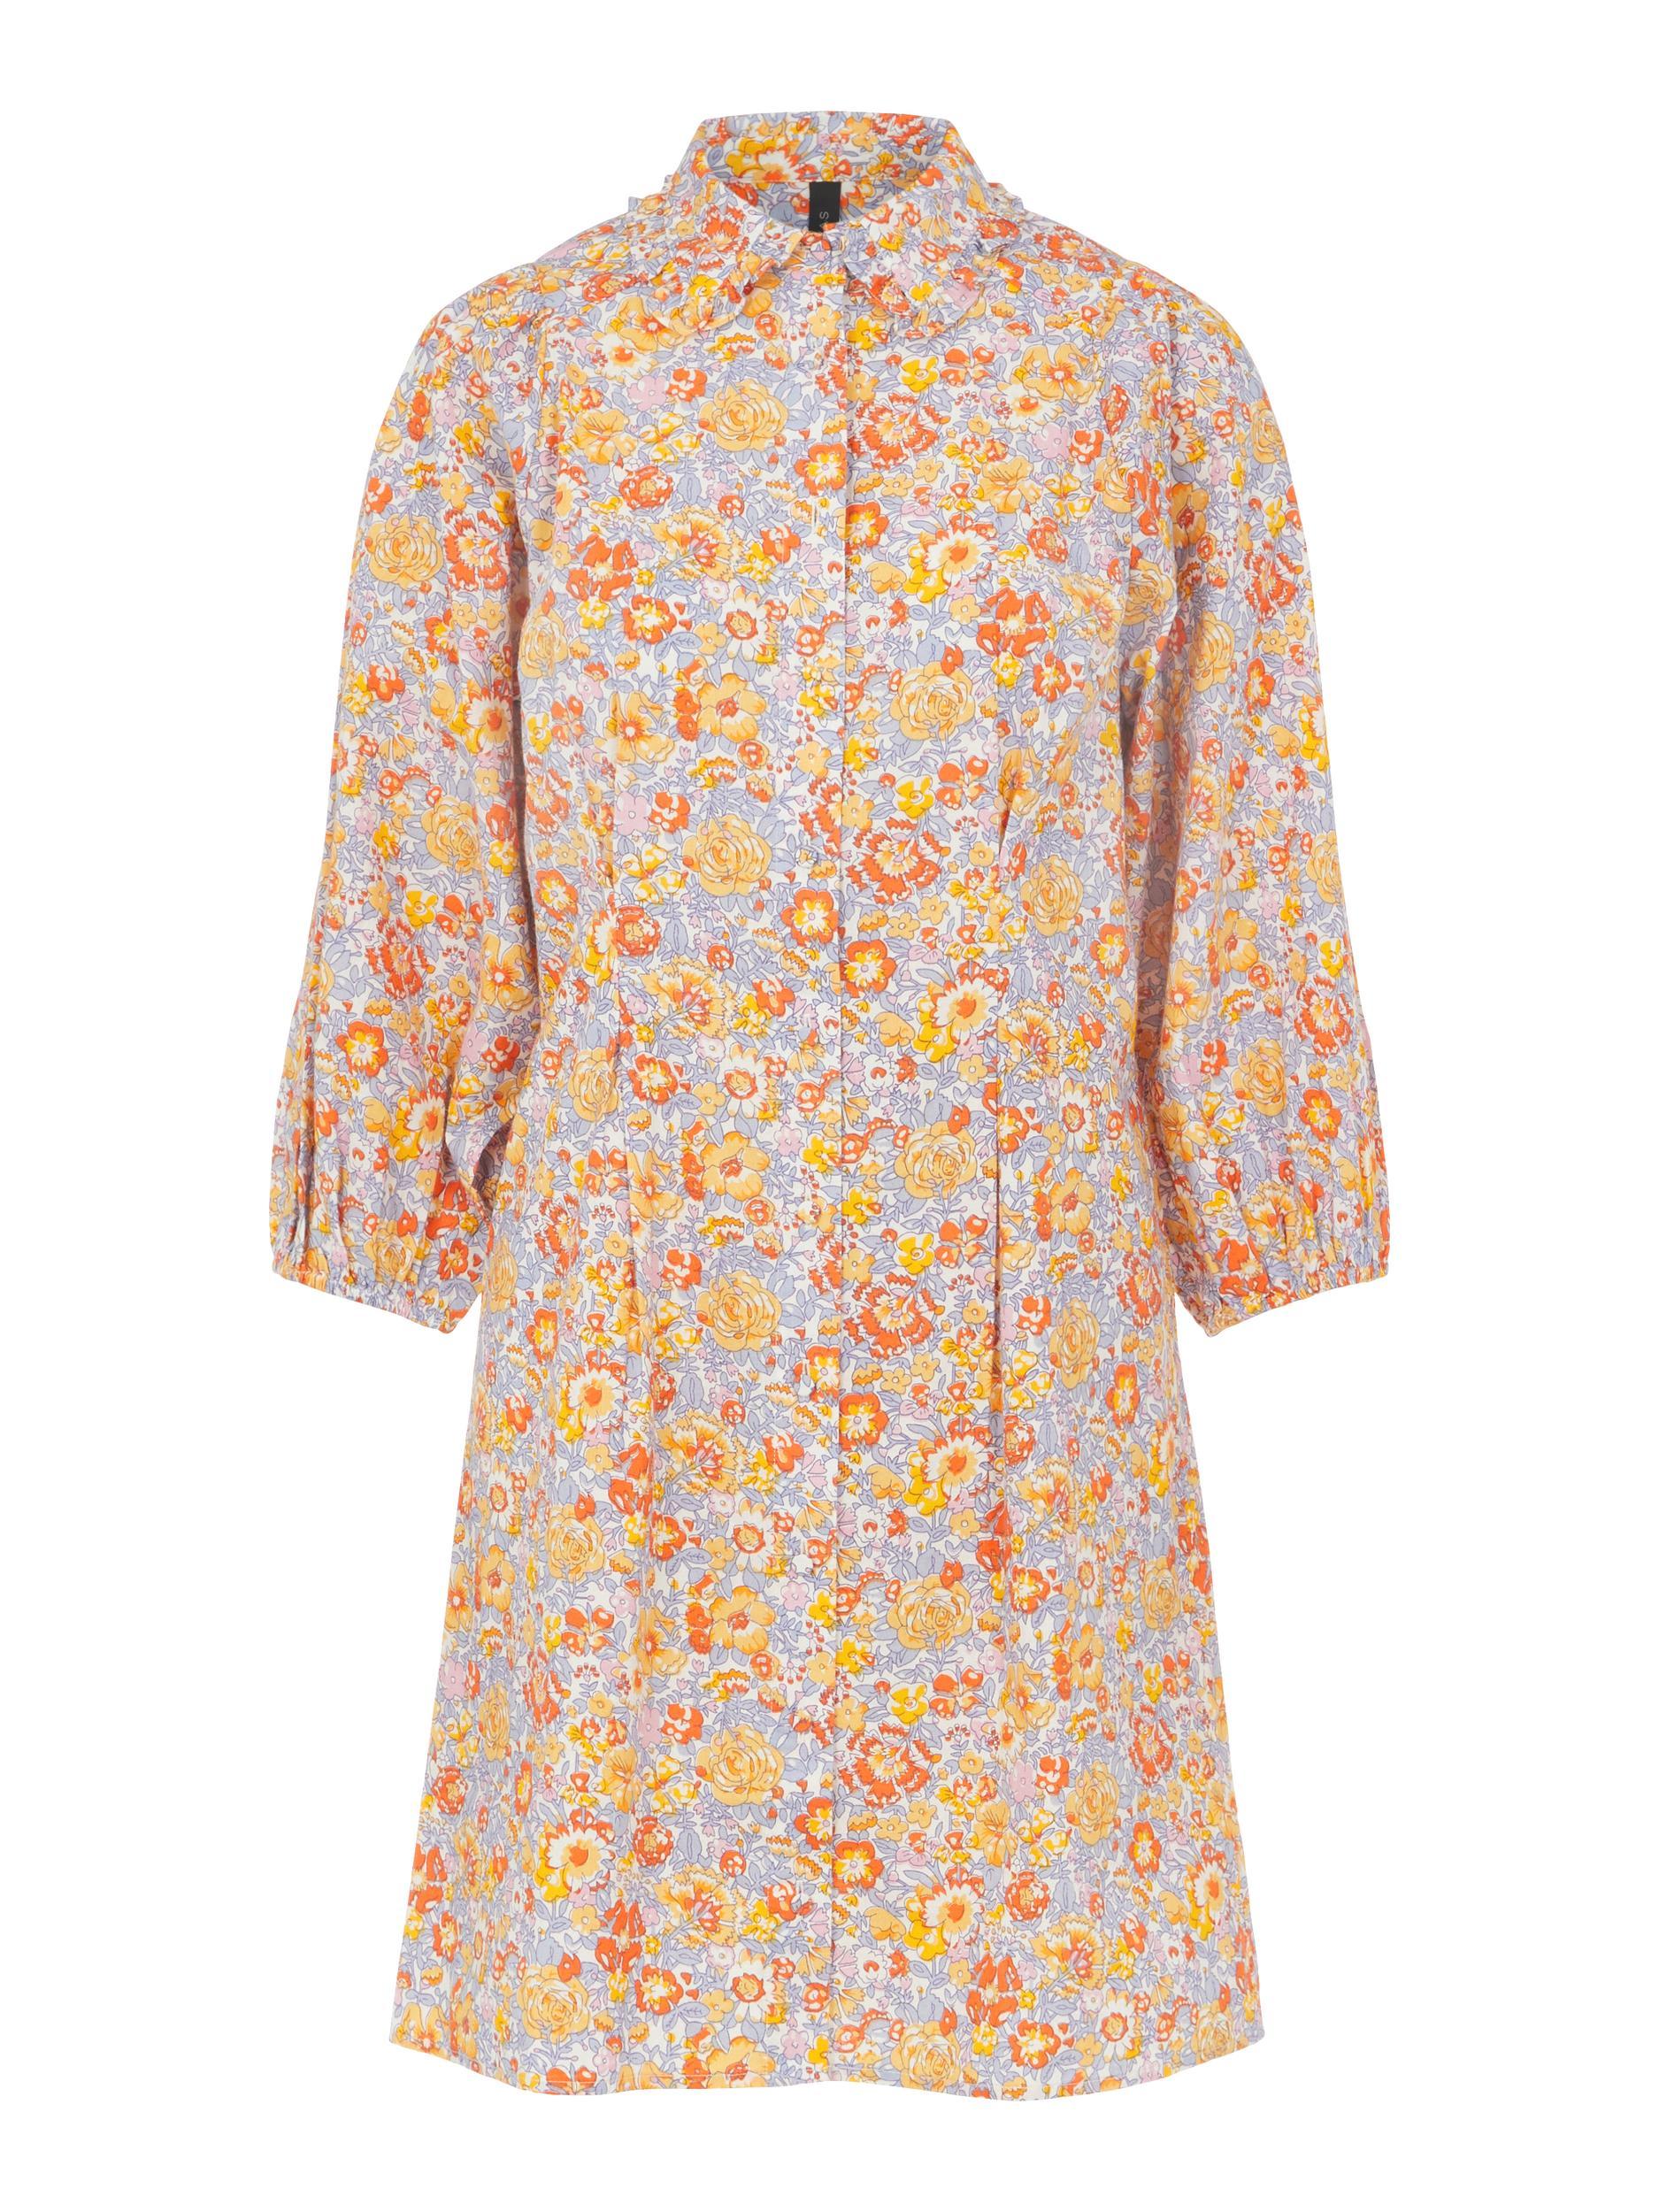 Y.A.S Mani kjole, eggnog, medium